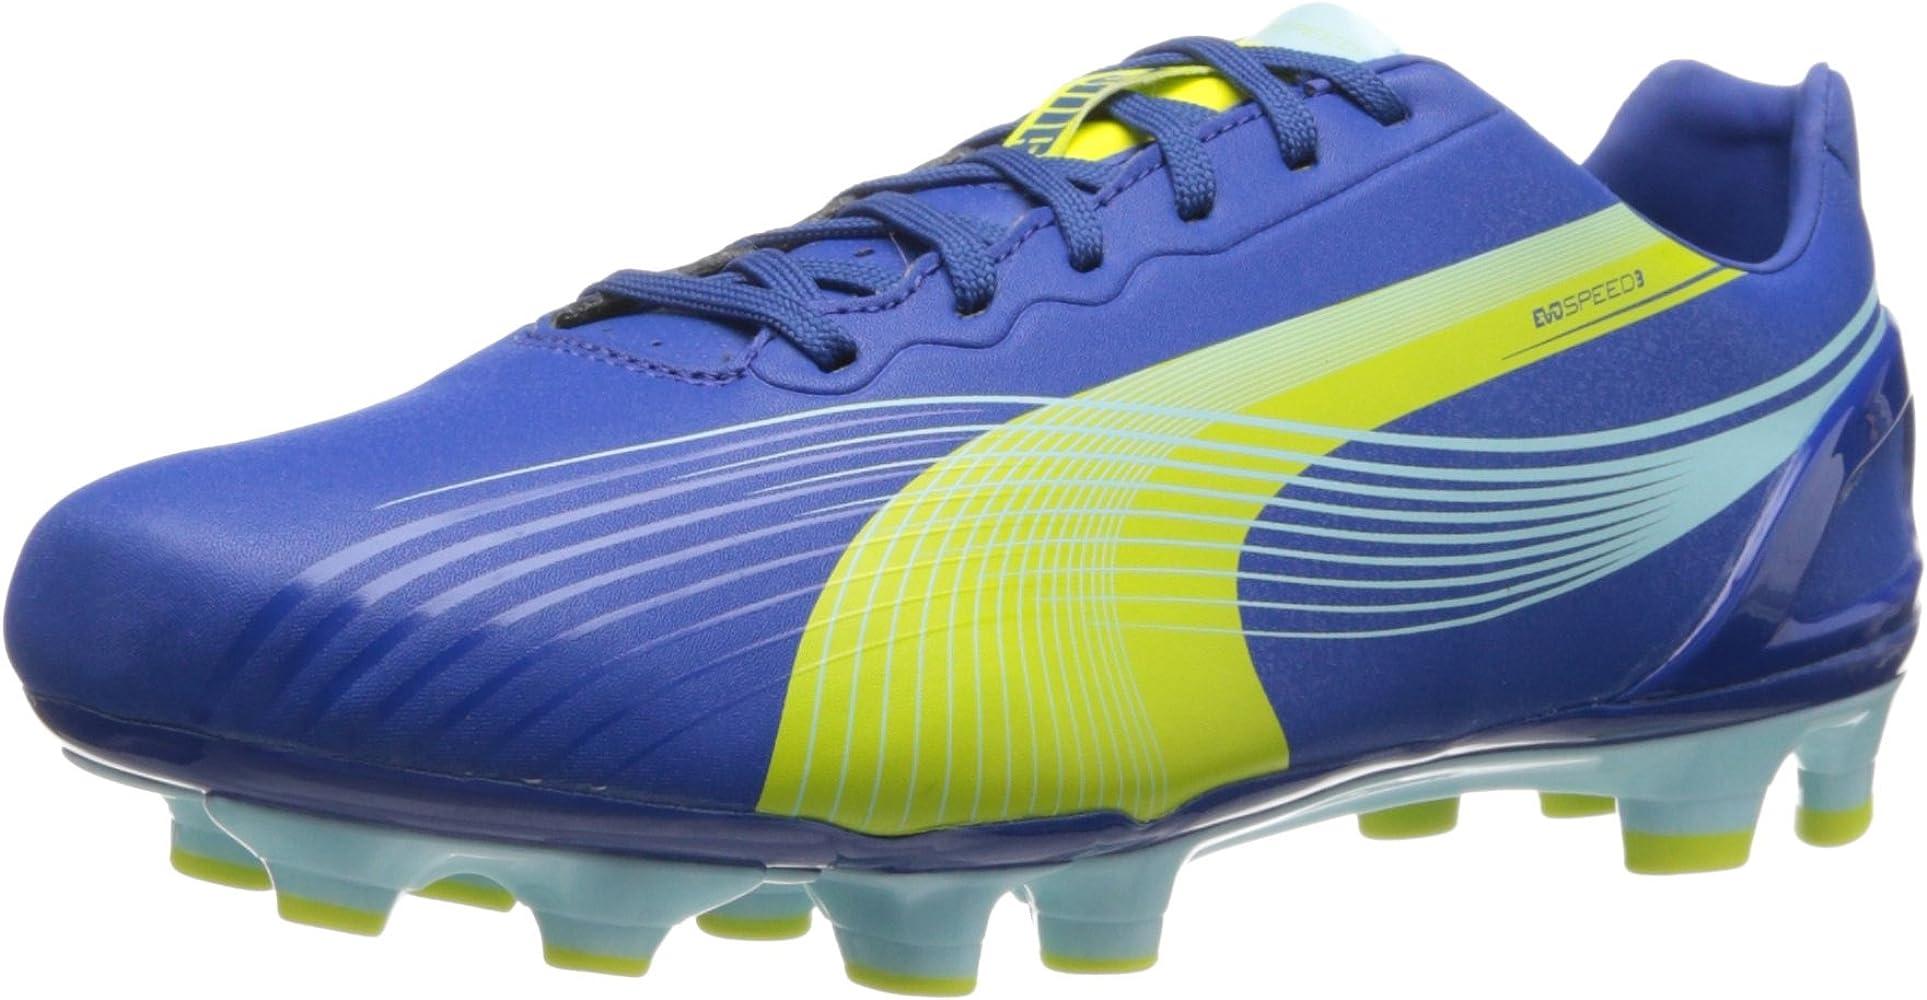 Evospeed 3.2 FG Soccer Shoe